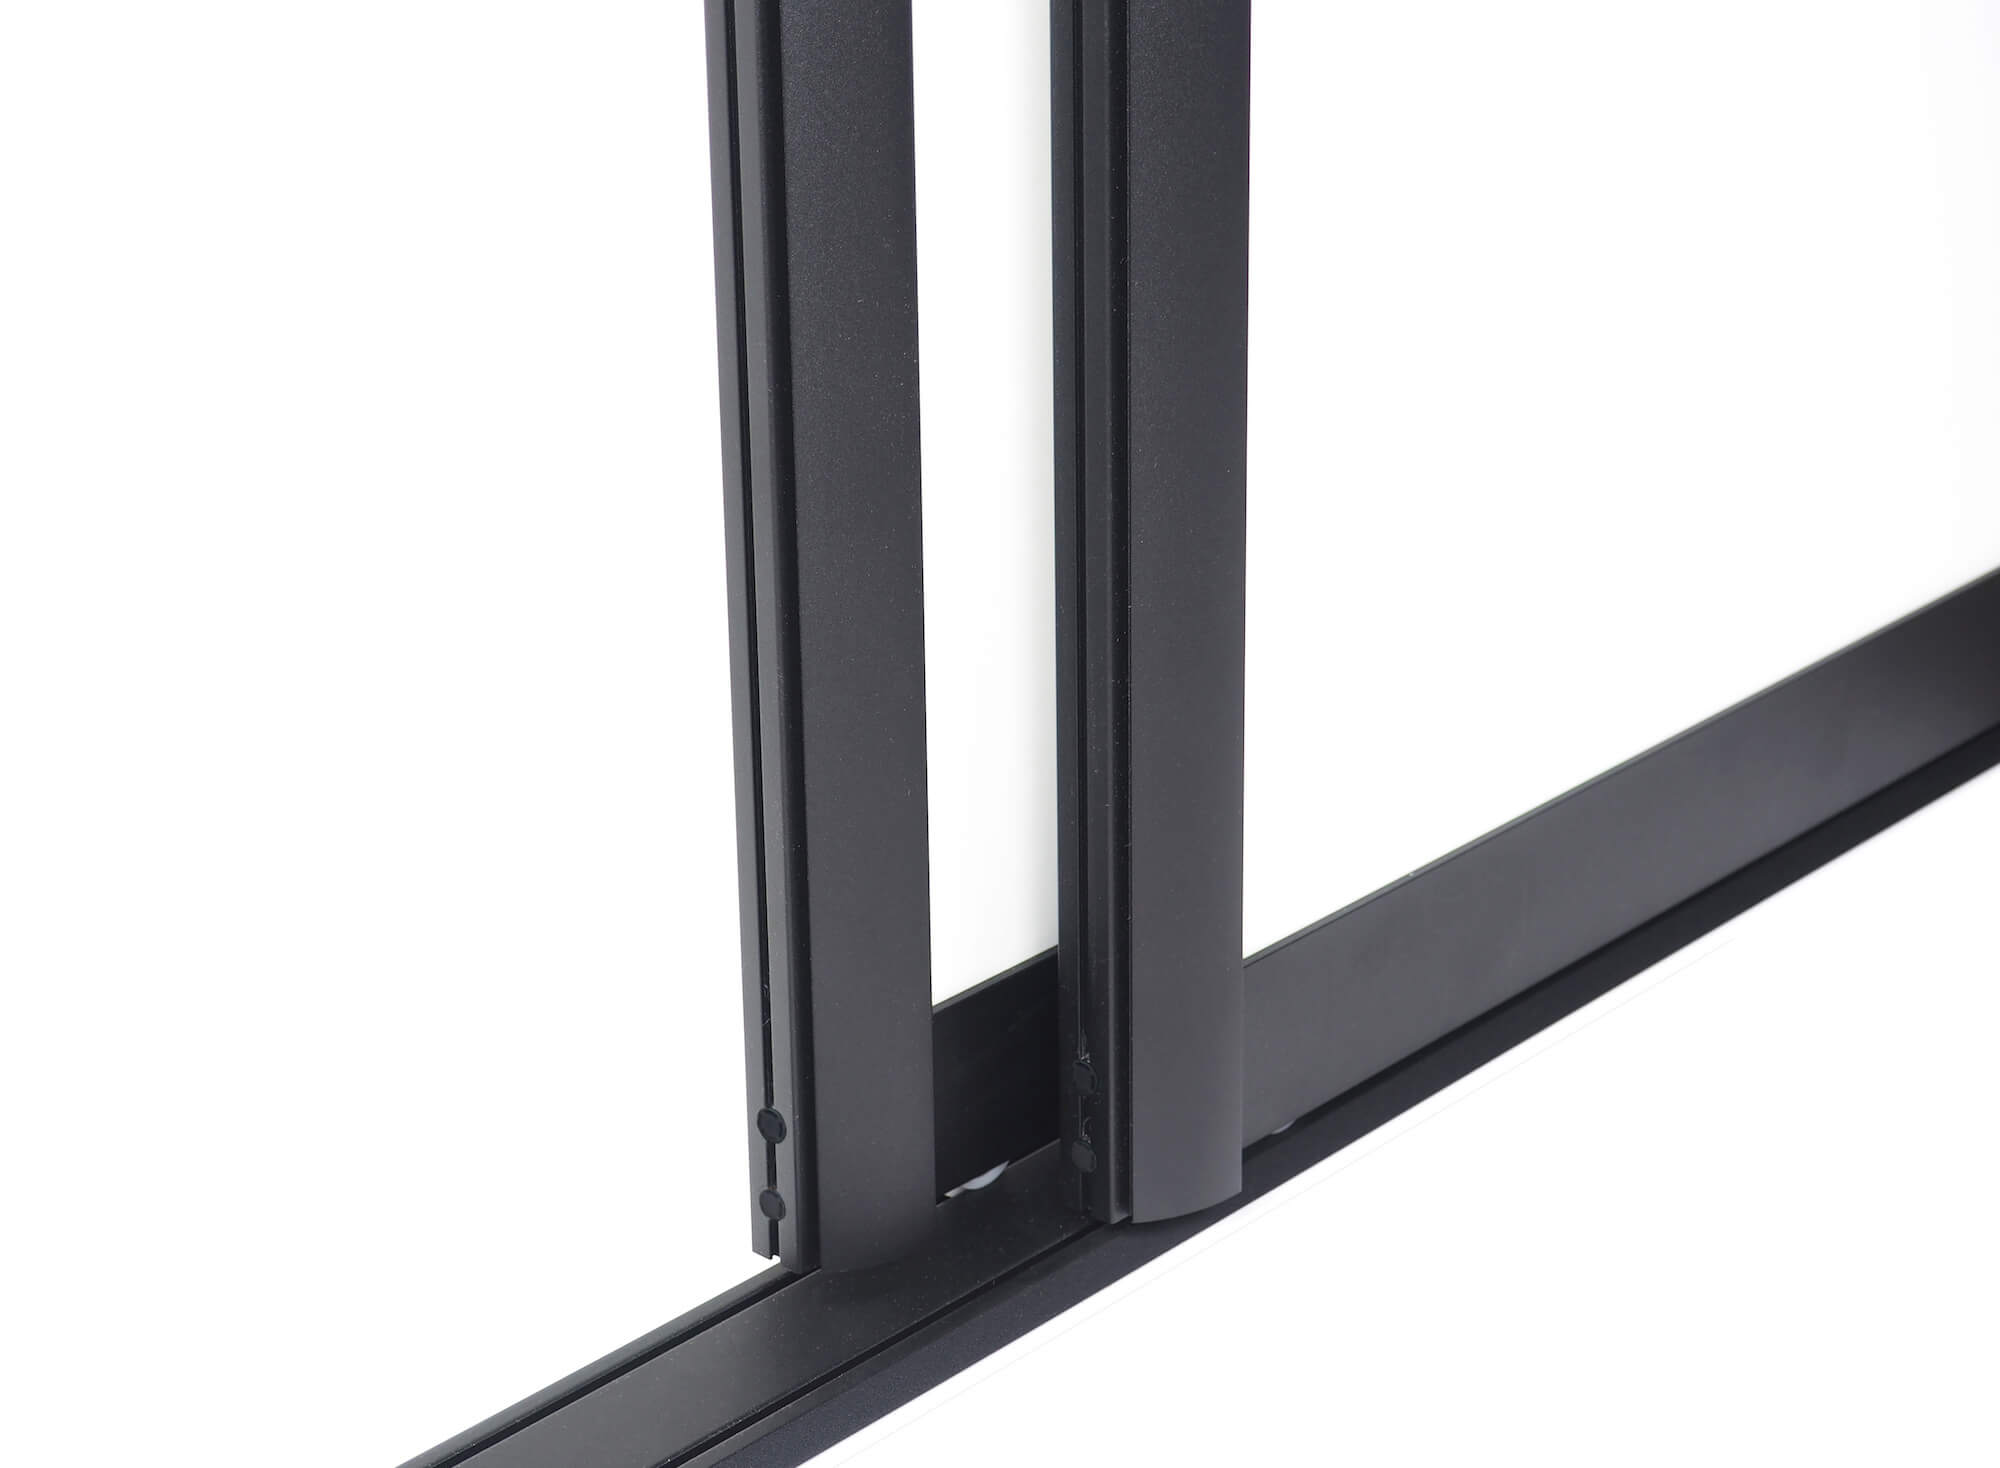 BS-Komfort mit Rahmentyp C10 Schwarz Rau|Lackierter Schiebetür-Bausatz für Schrank-/Nischentüren